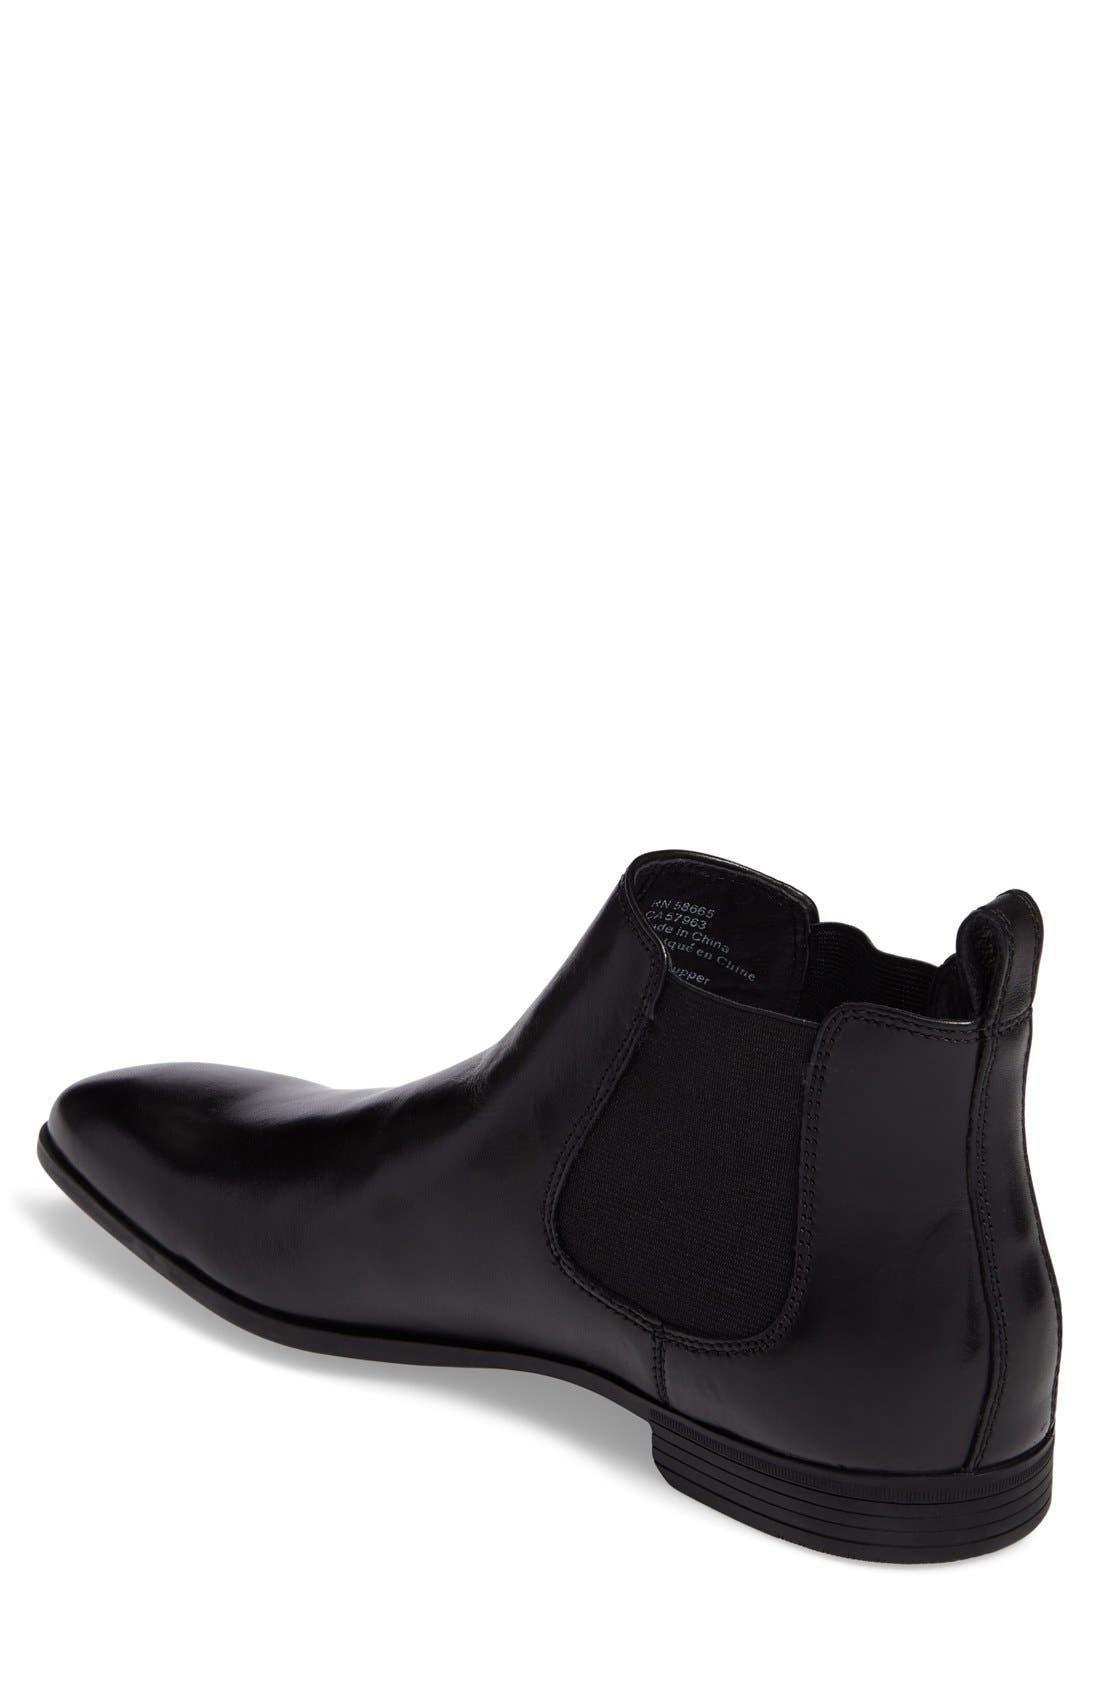 Alternate Image 2  - Calibrate 'Huntley' Chelsea Boot (Men)